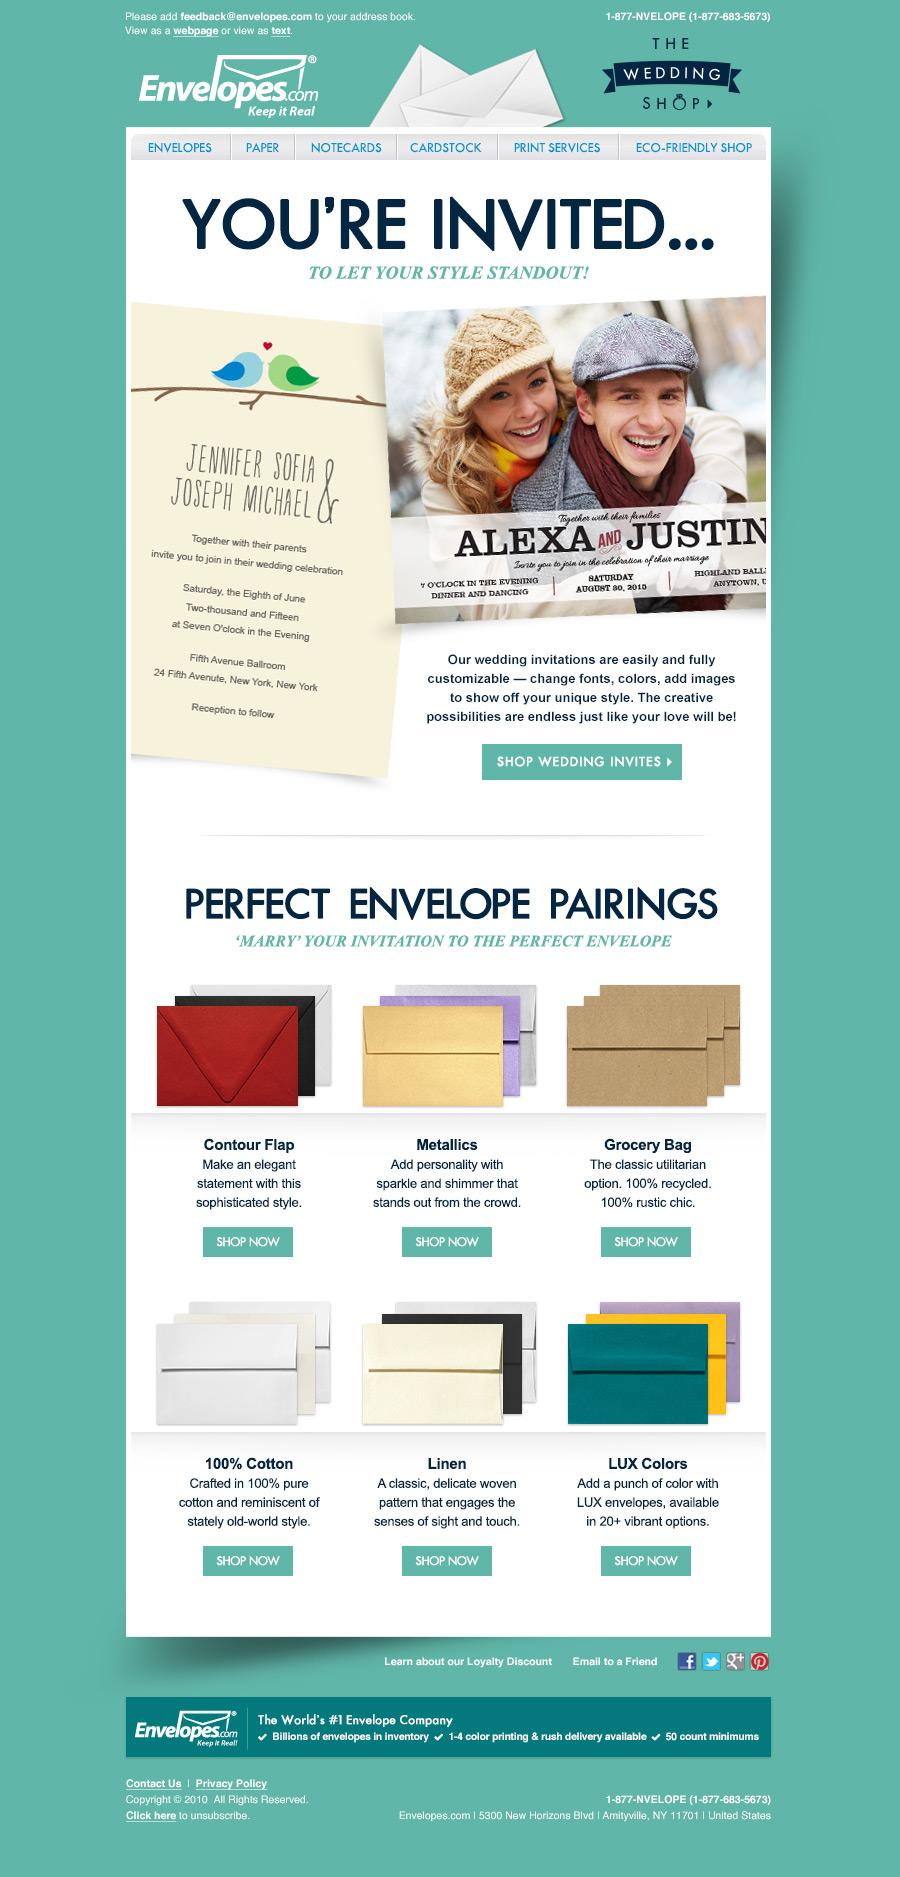 Wedding_Invitations_email_v1.jpg